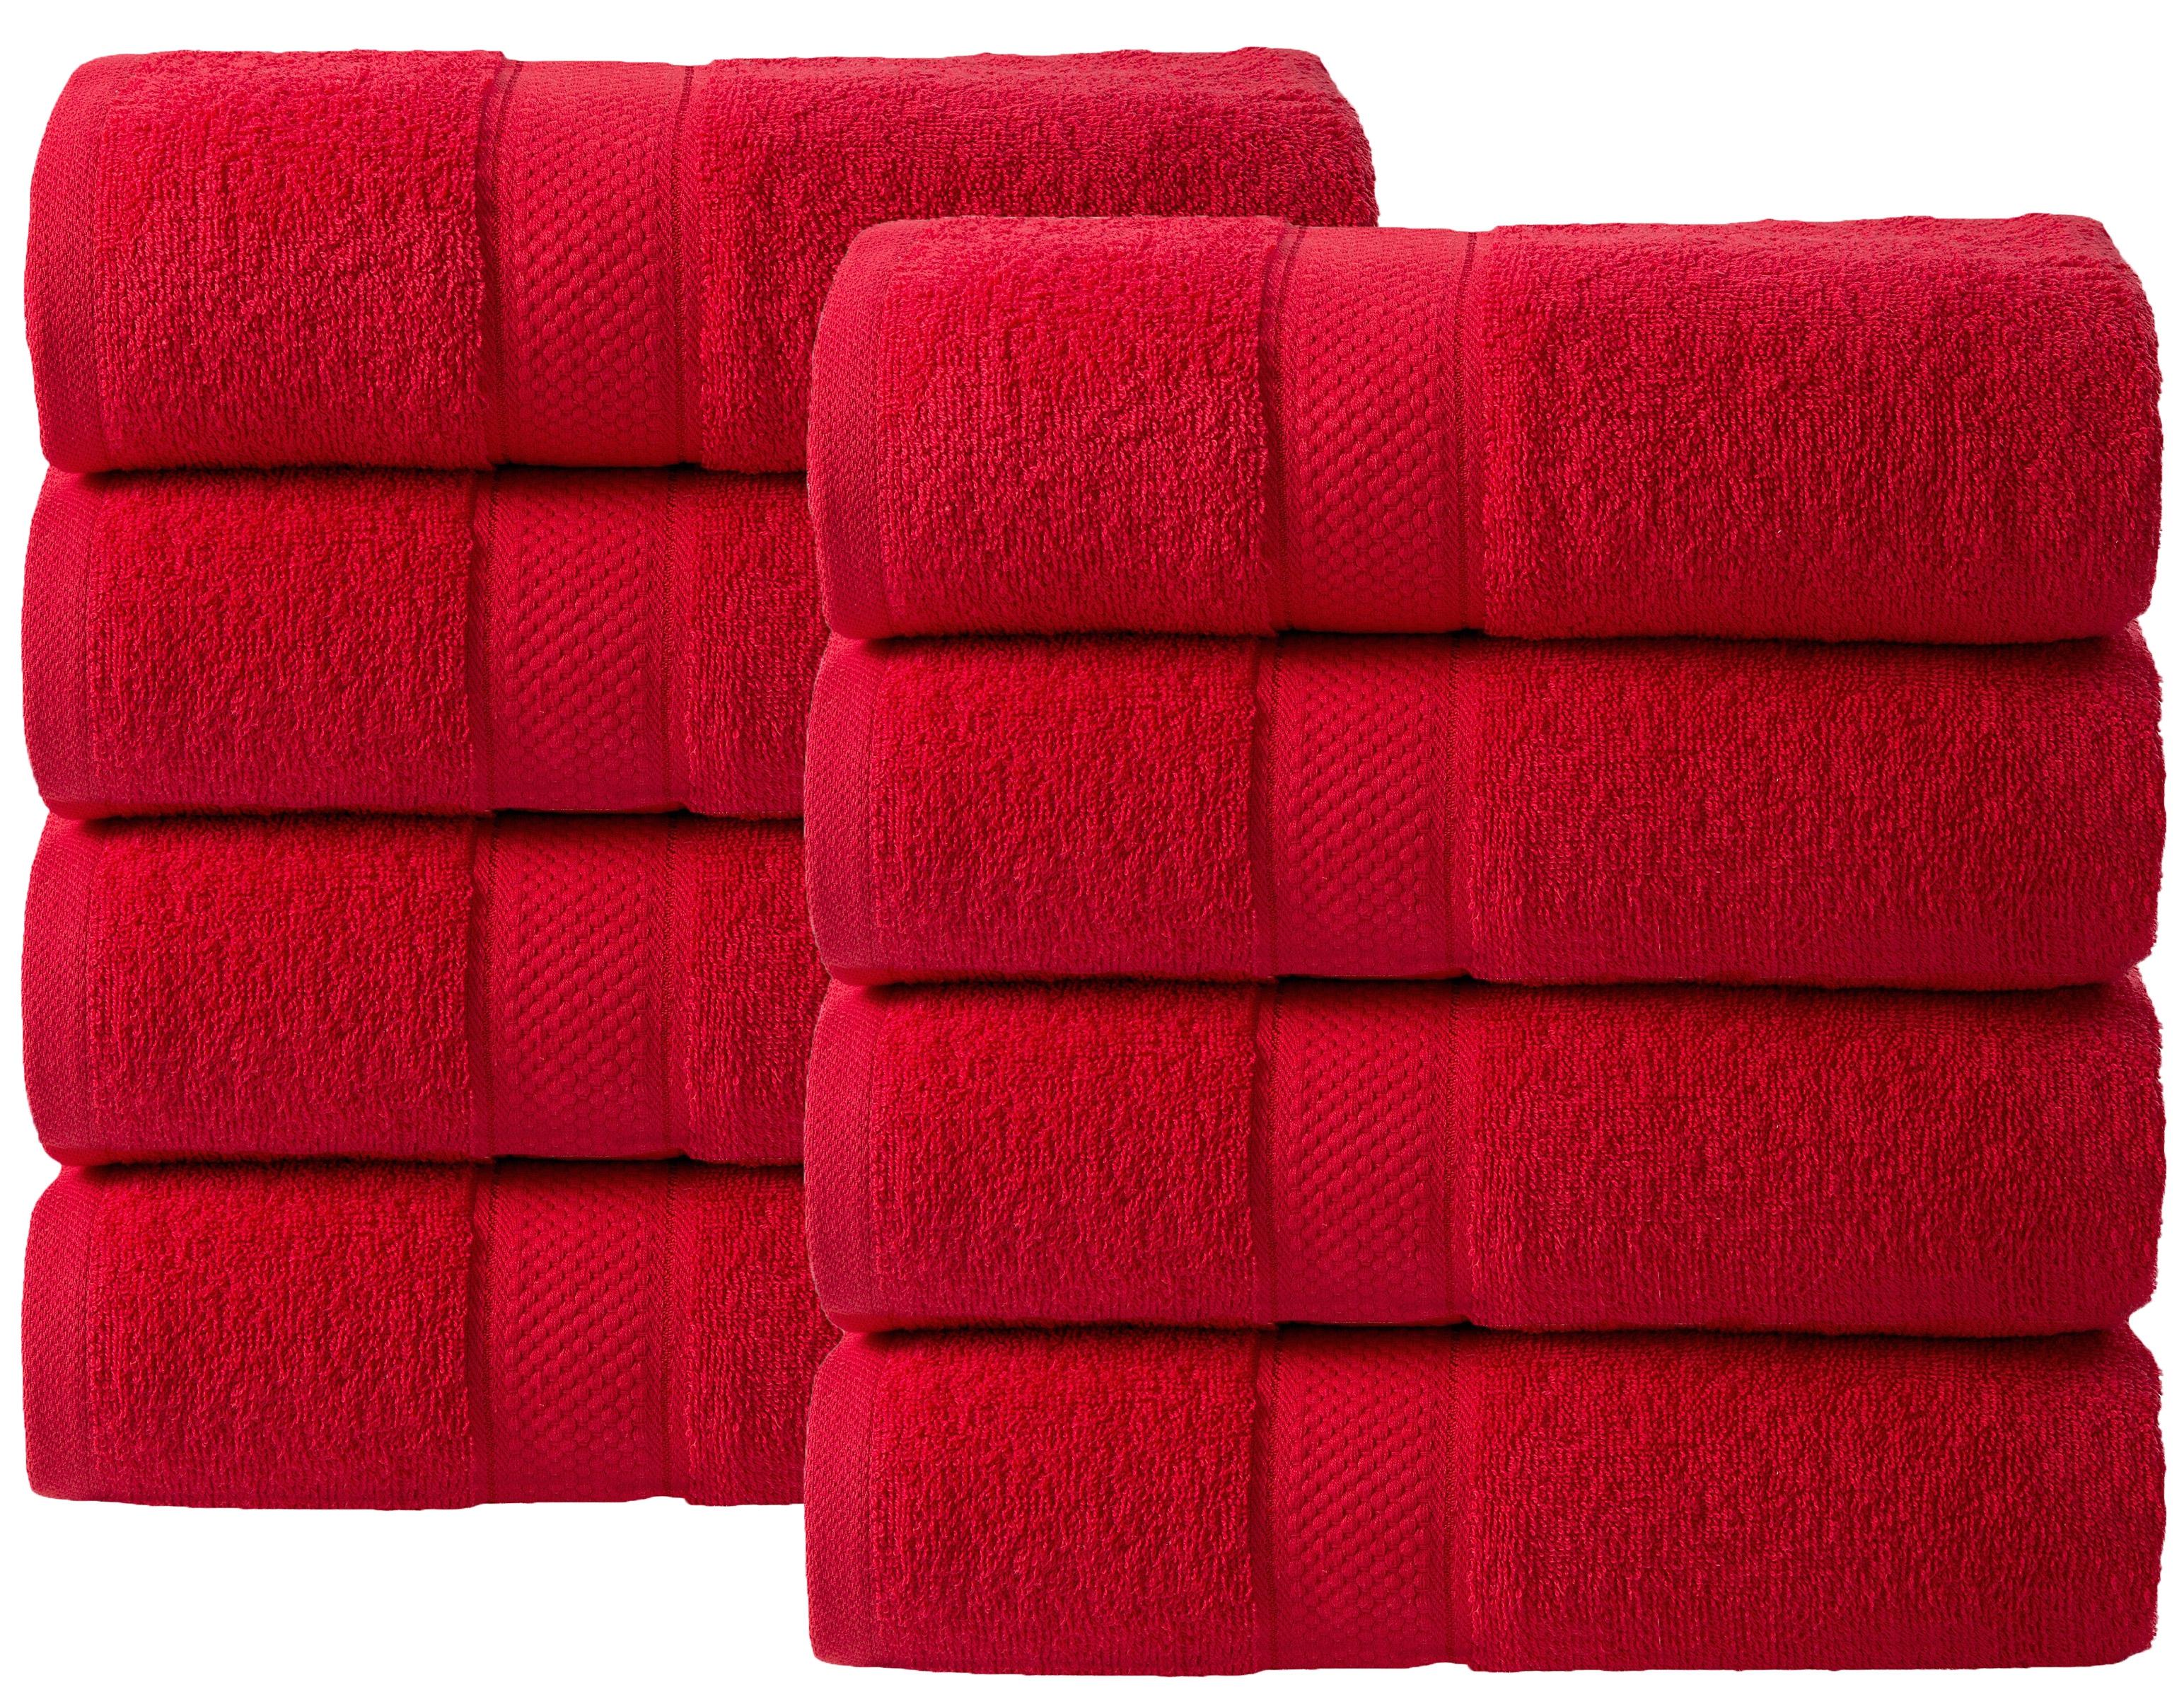 Bale Set 8pcs Red Plain Hand Towel